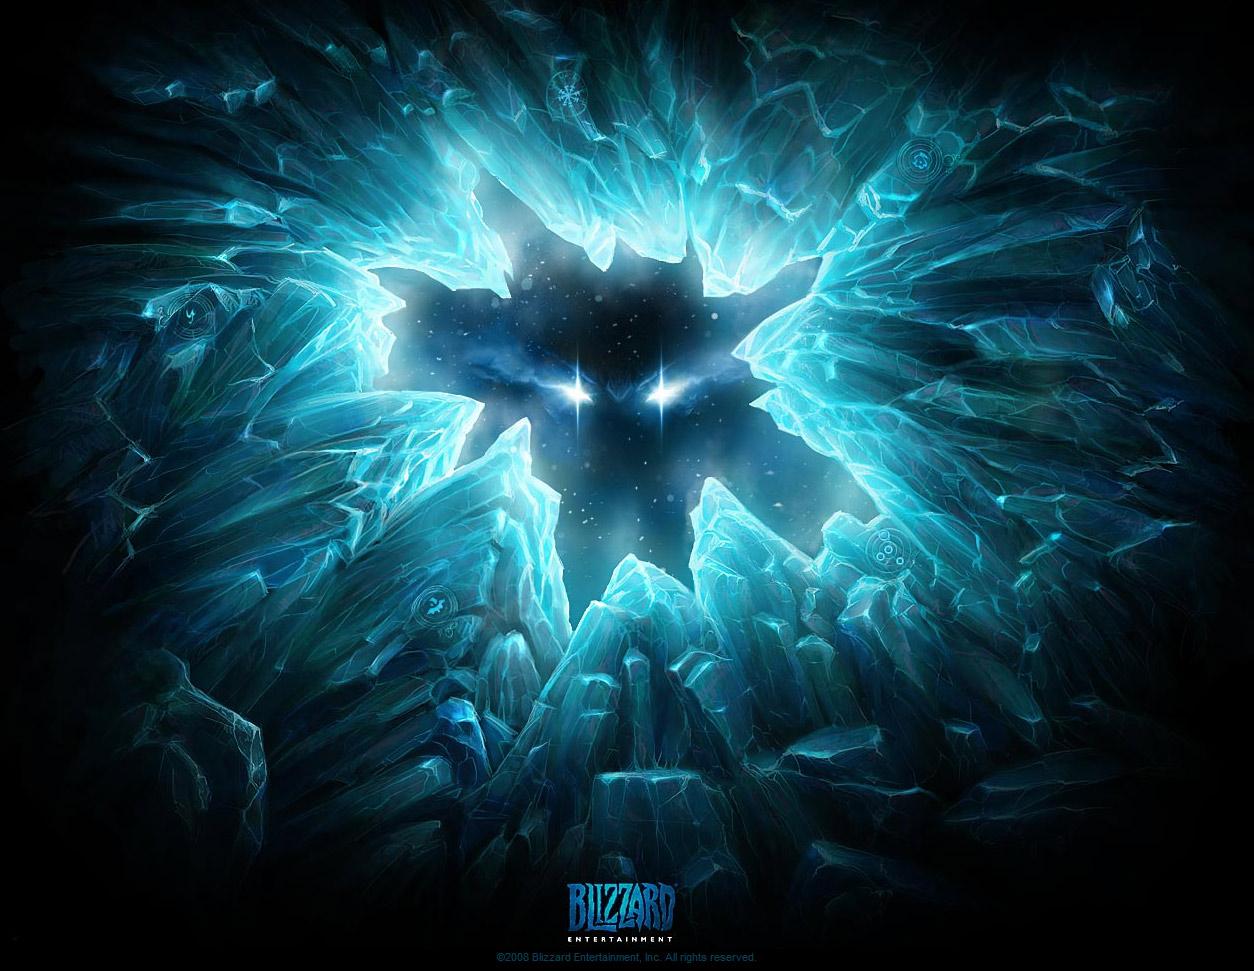 Image postée par Blizzard le 27 juin 2008 pour préparer l'annonce de Diablo III.